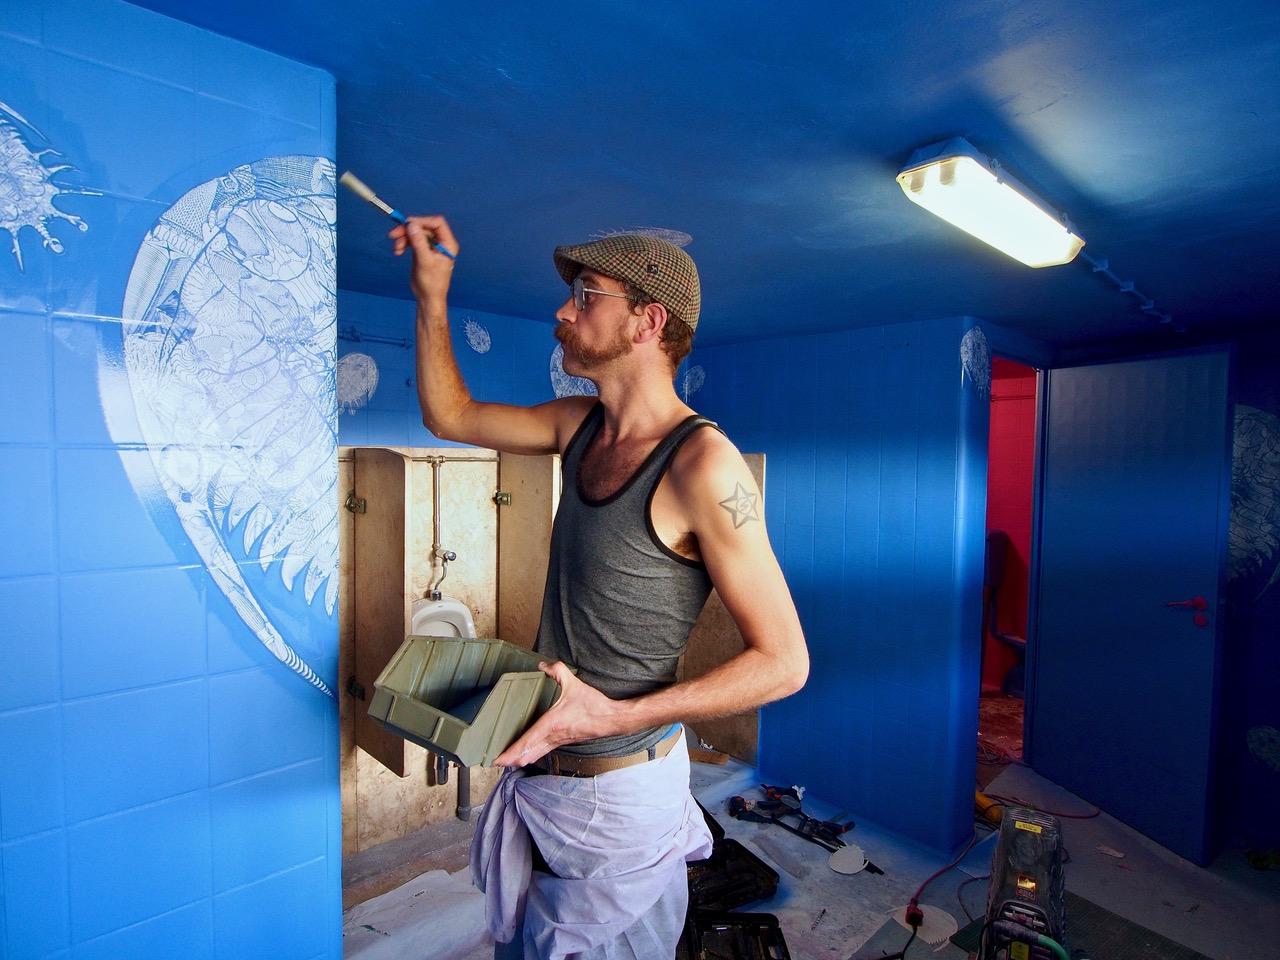 PÚBLICO - A arte urbana chegou às casas-de-banho da Lx Factory